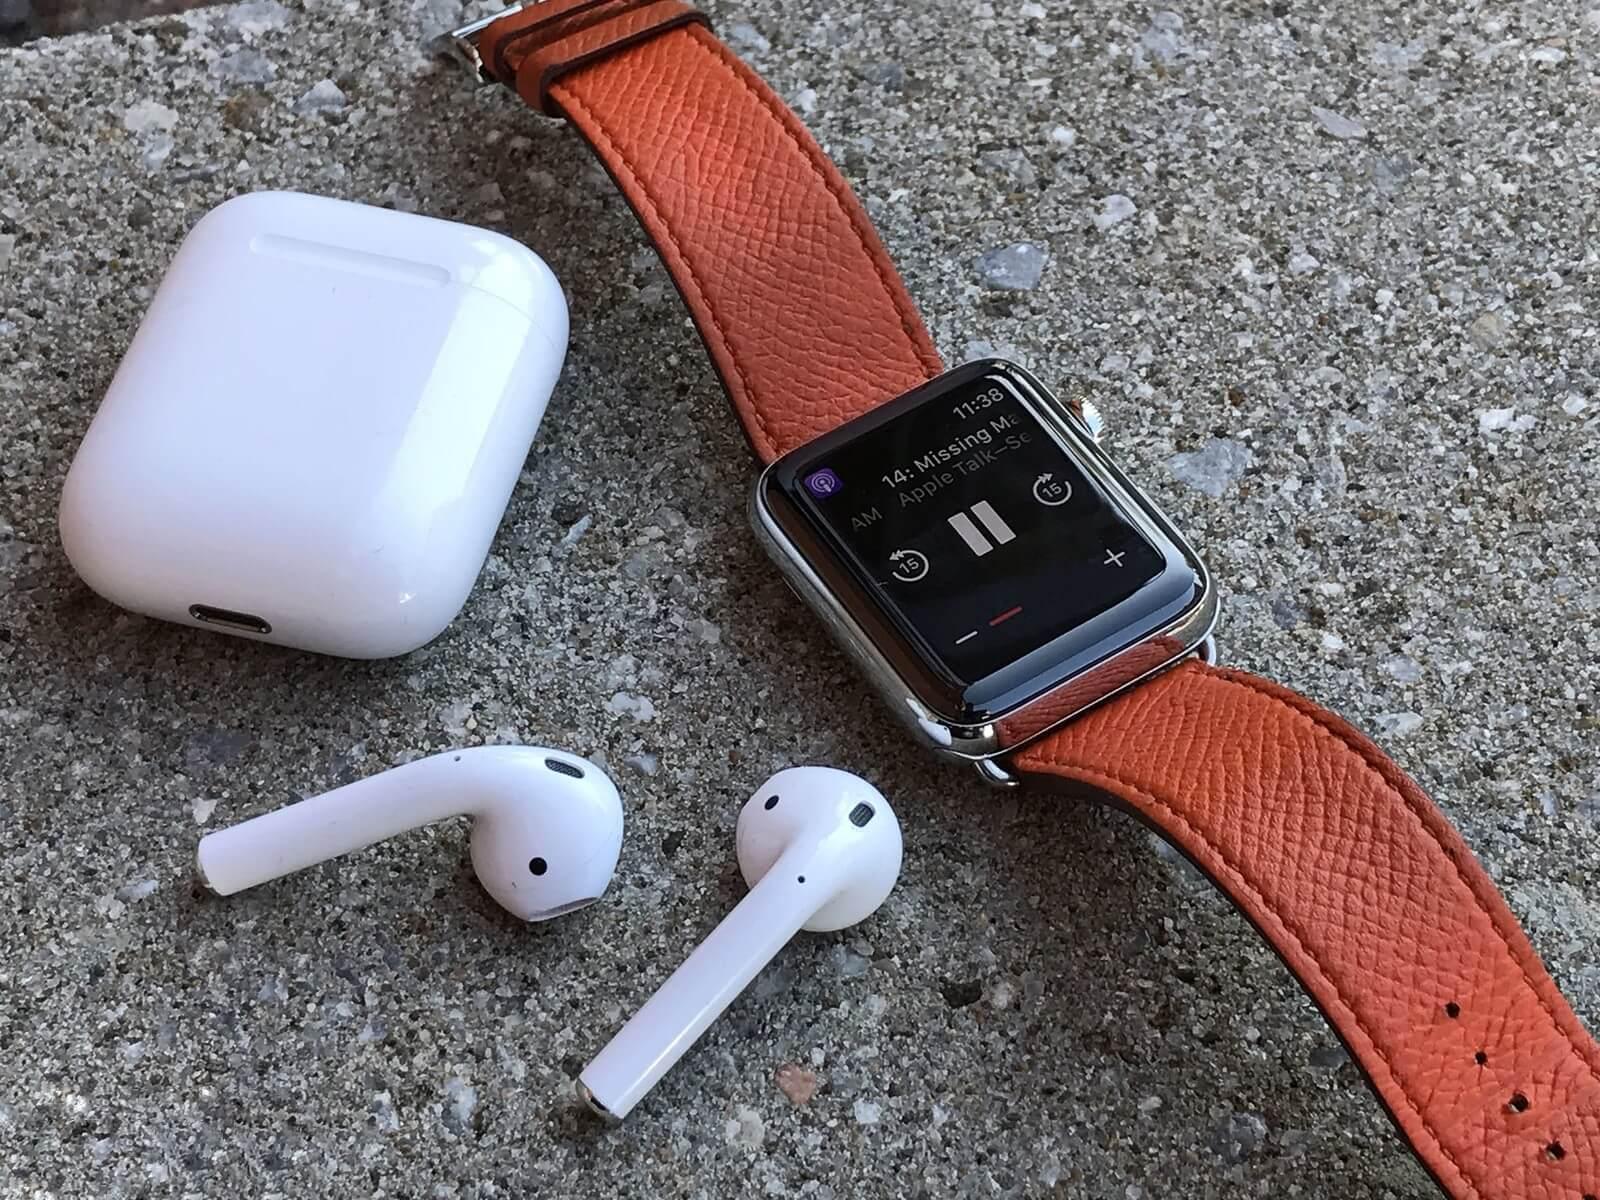 0f1869e1 Компания Apple продолжает доминировать на рынке носимой электроники, однако  давление со стороны других производителей продолжает нарастать, ...